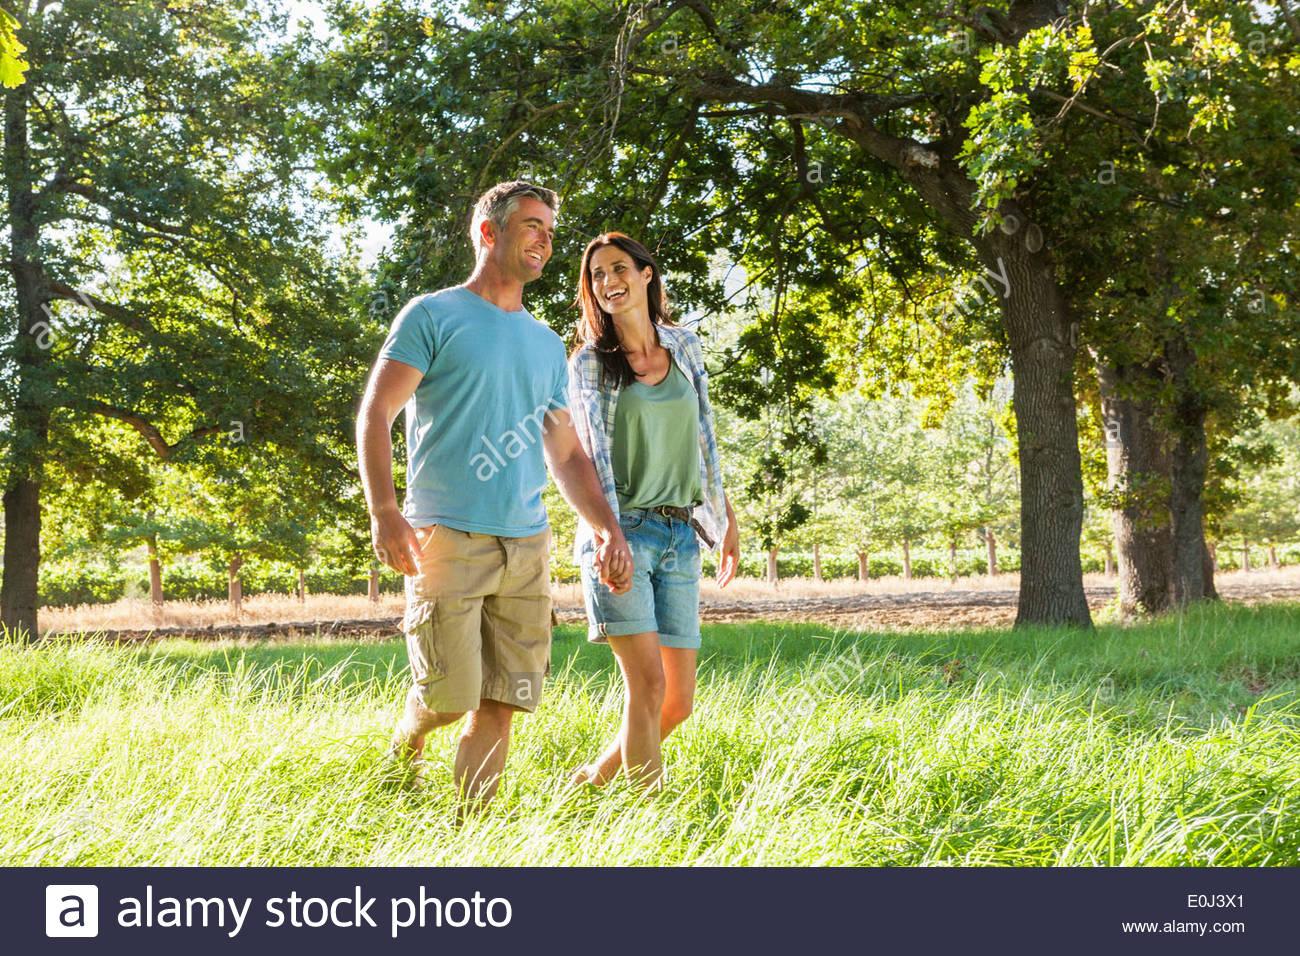 Coppia romantica godendo a piedi nella bellissima campagna Immagini Stock